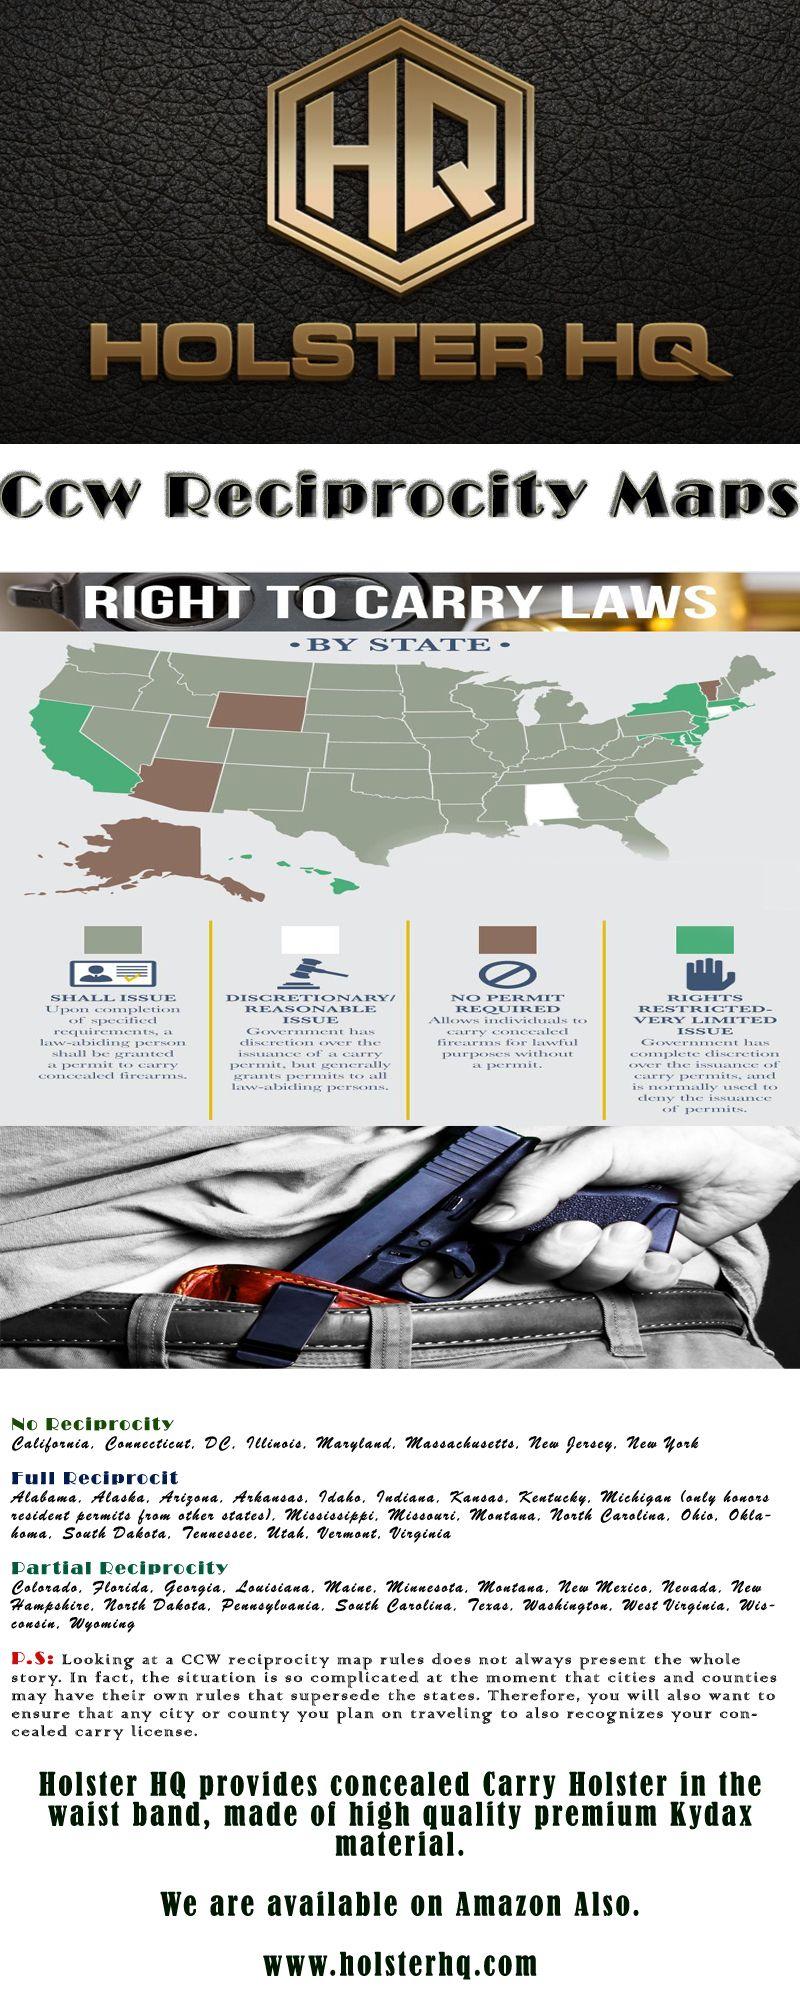 9b0fce86a2a51d5265e208836fbff3d1 - How To Get A Concealed Weapons Permit In Pennsylvania